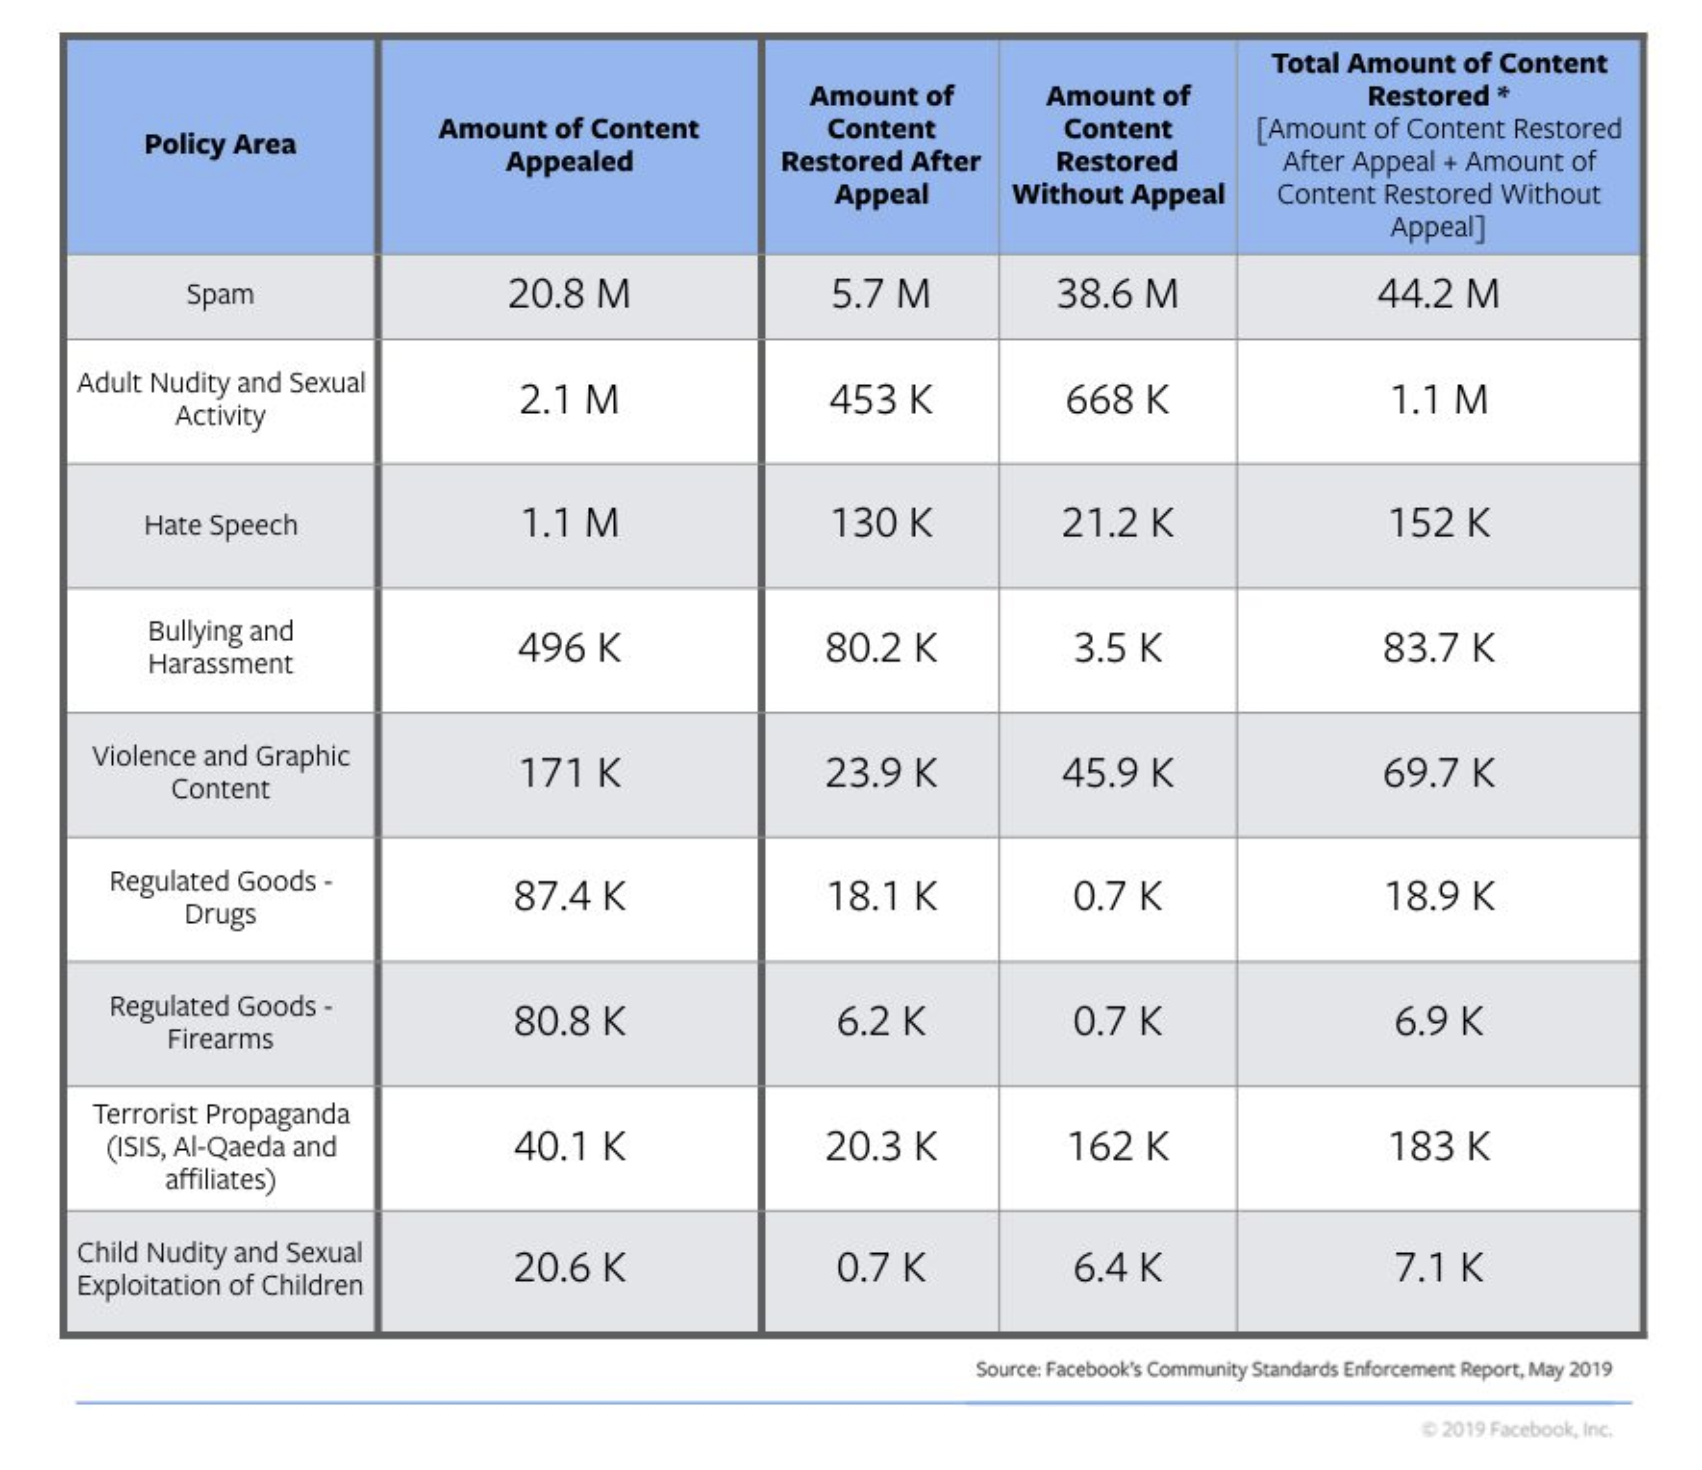 Facebook releases community standards enforcement report | TechCrunch